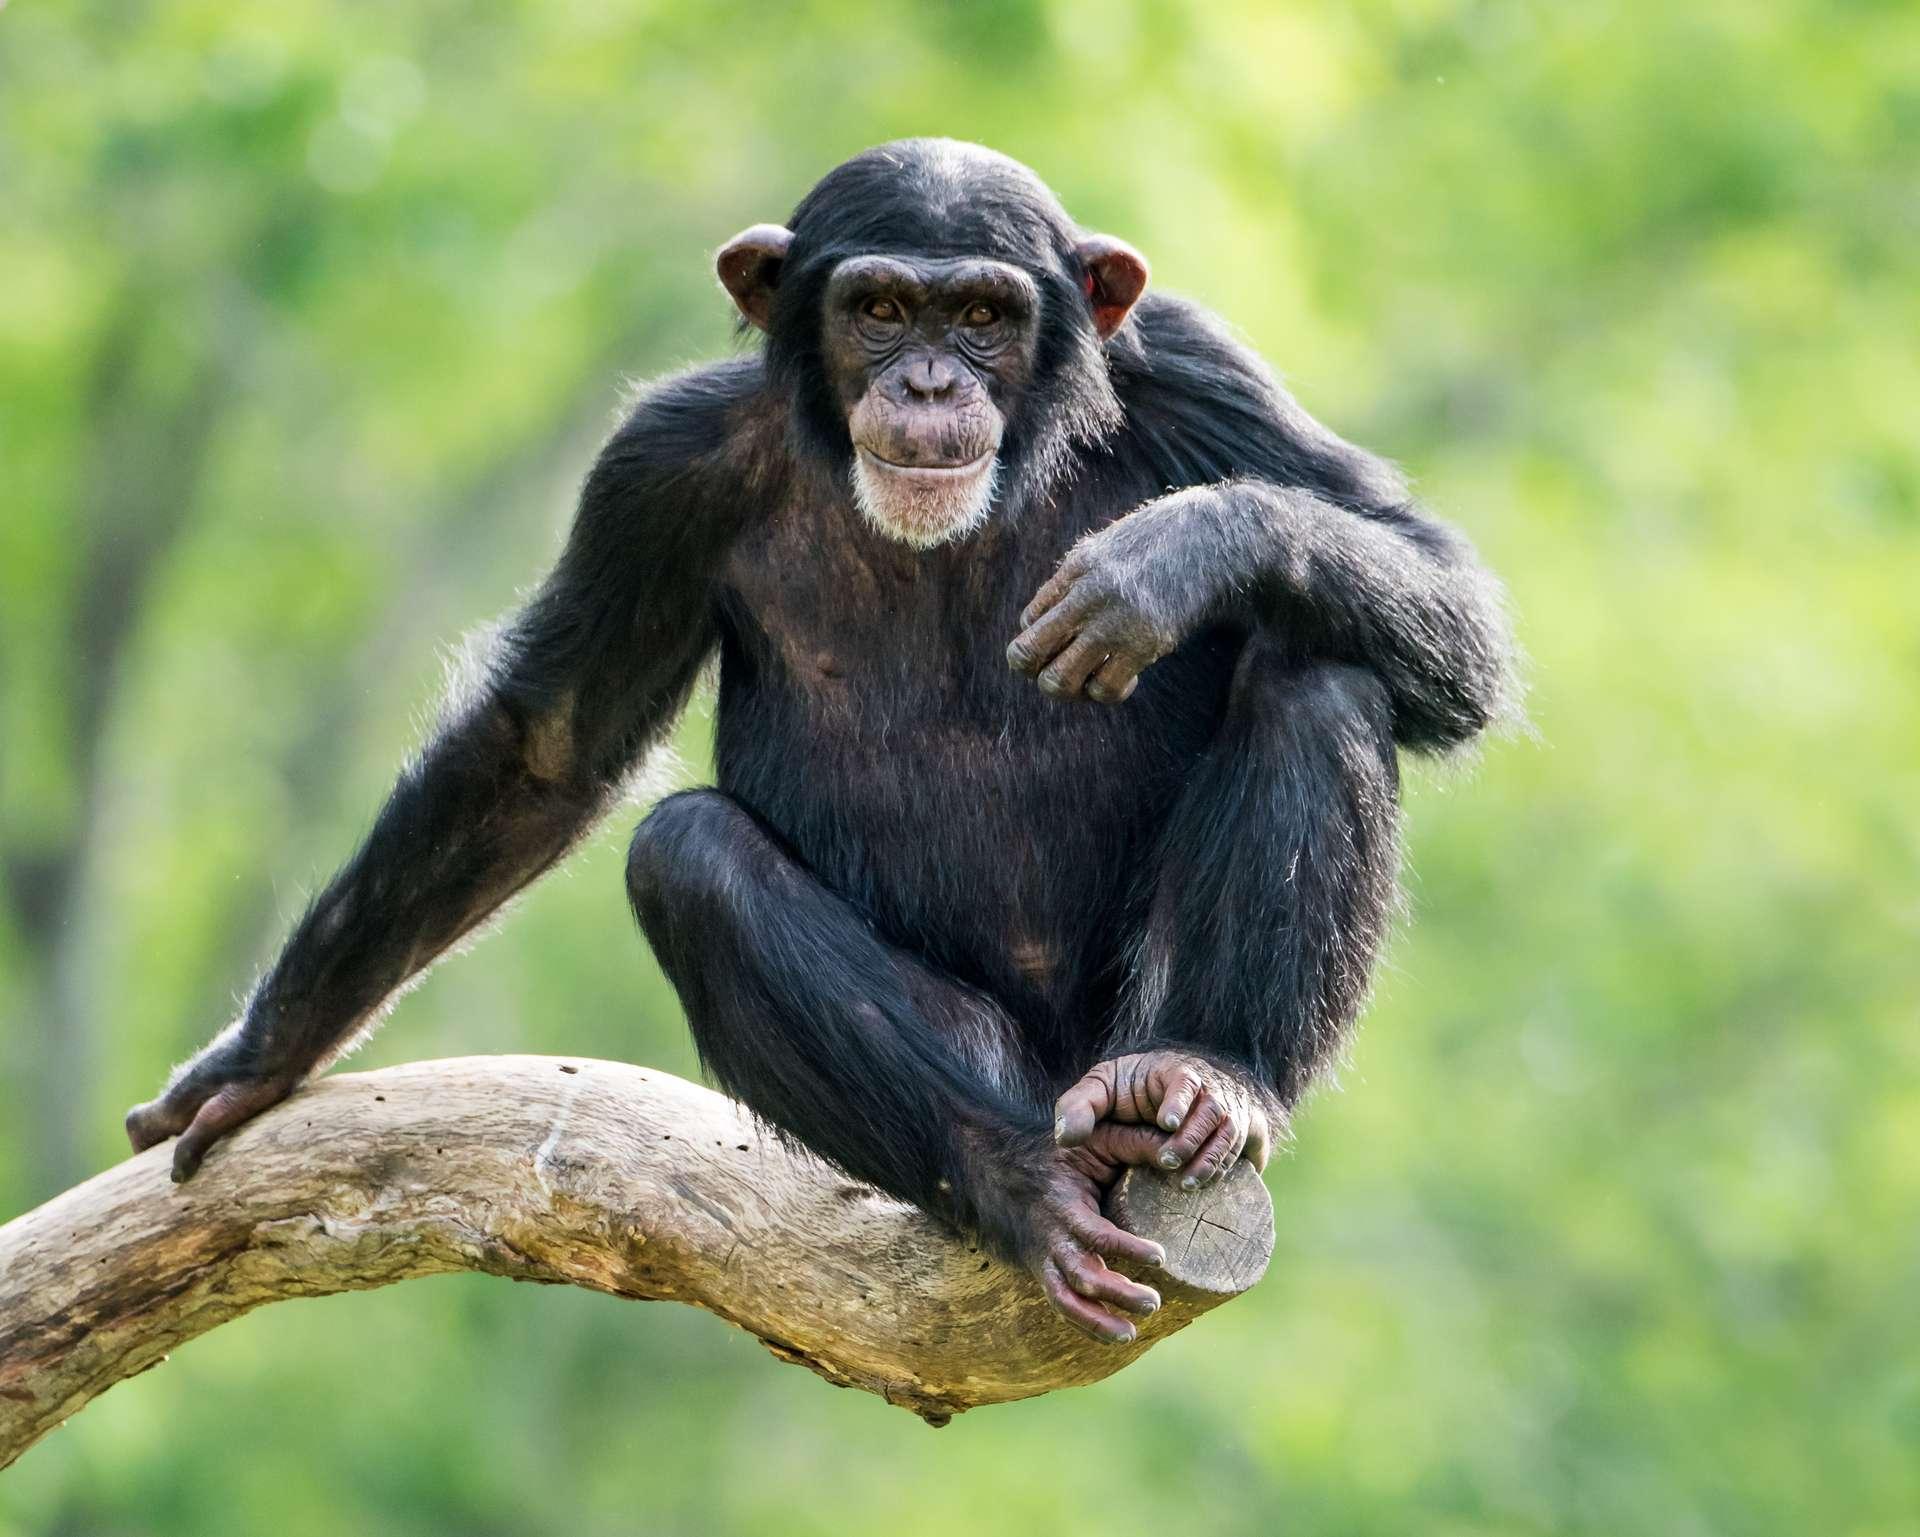 Il existe deux espèces de chimpanzés : le chimpanzé commun (Pan troglodytes) et le chimpanzé nain, ou bonobo (Pan paniscus). © Abeselom Zerit, Adobe Stock